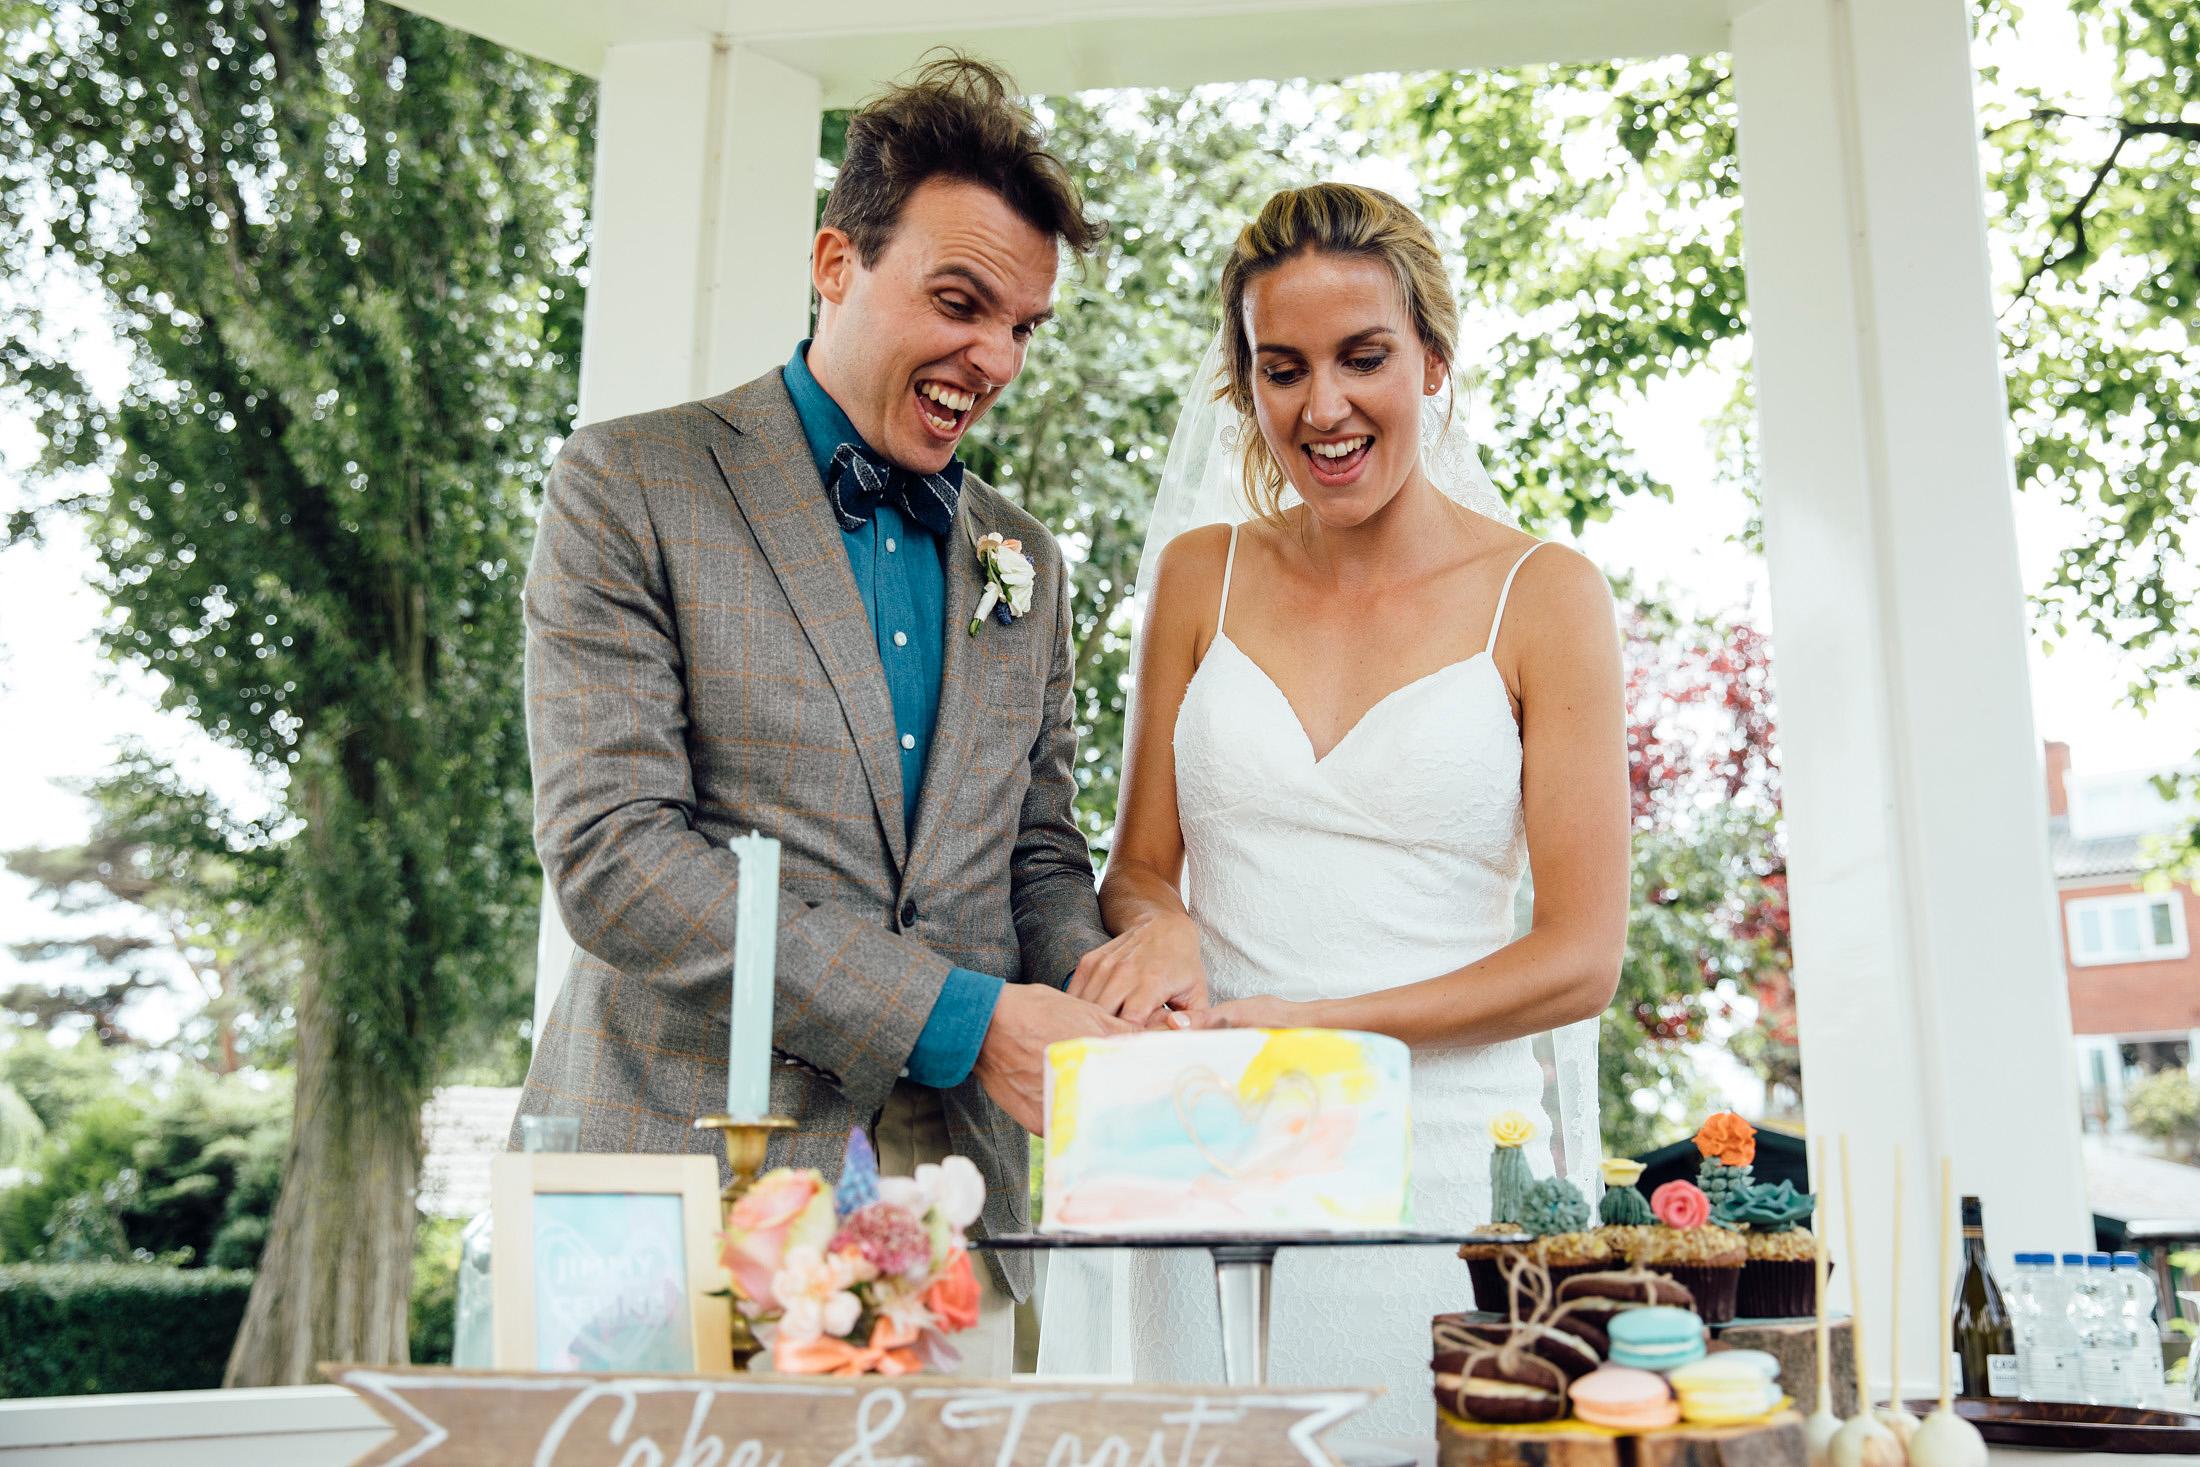 40-receptie-bruiloft-schellingwoude